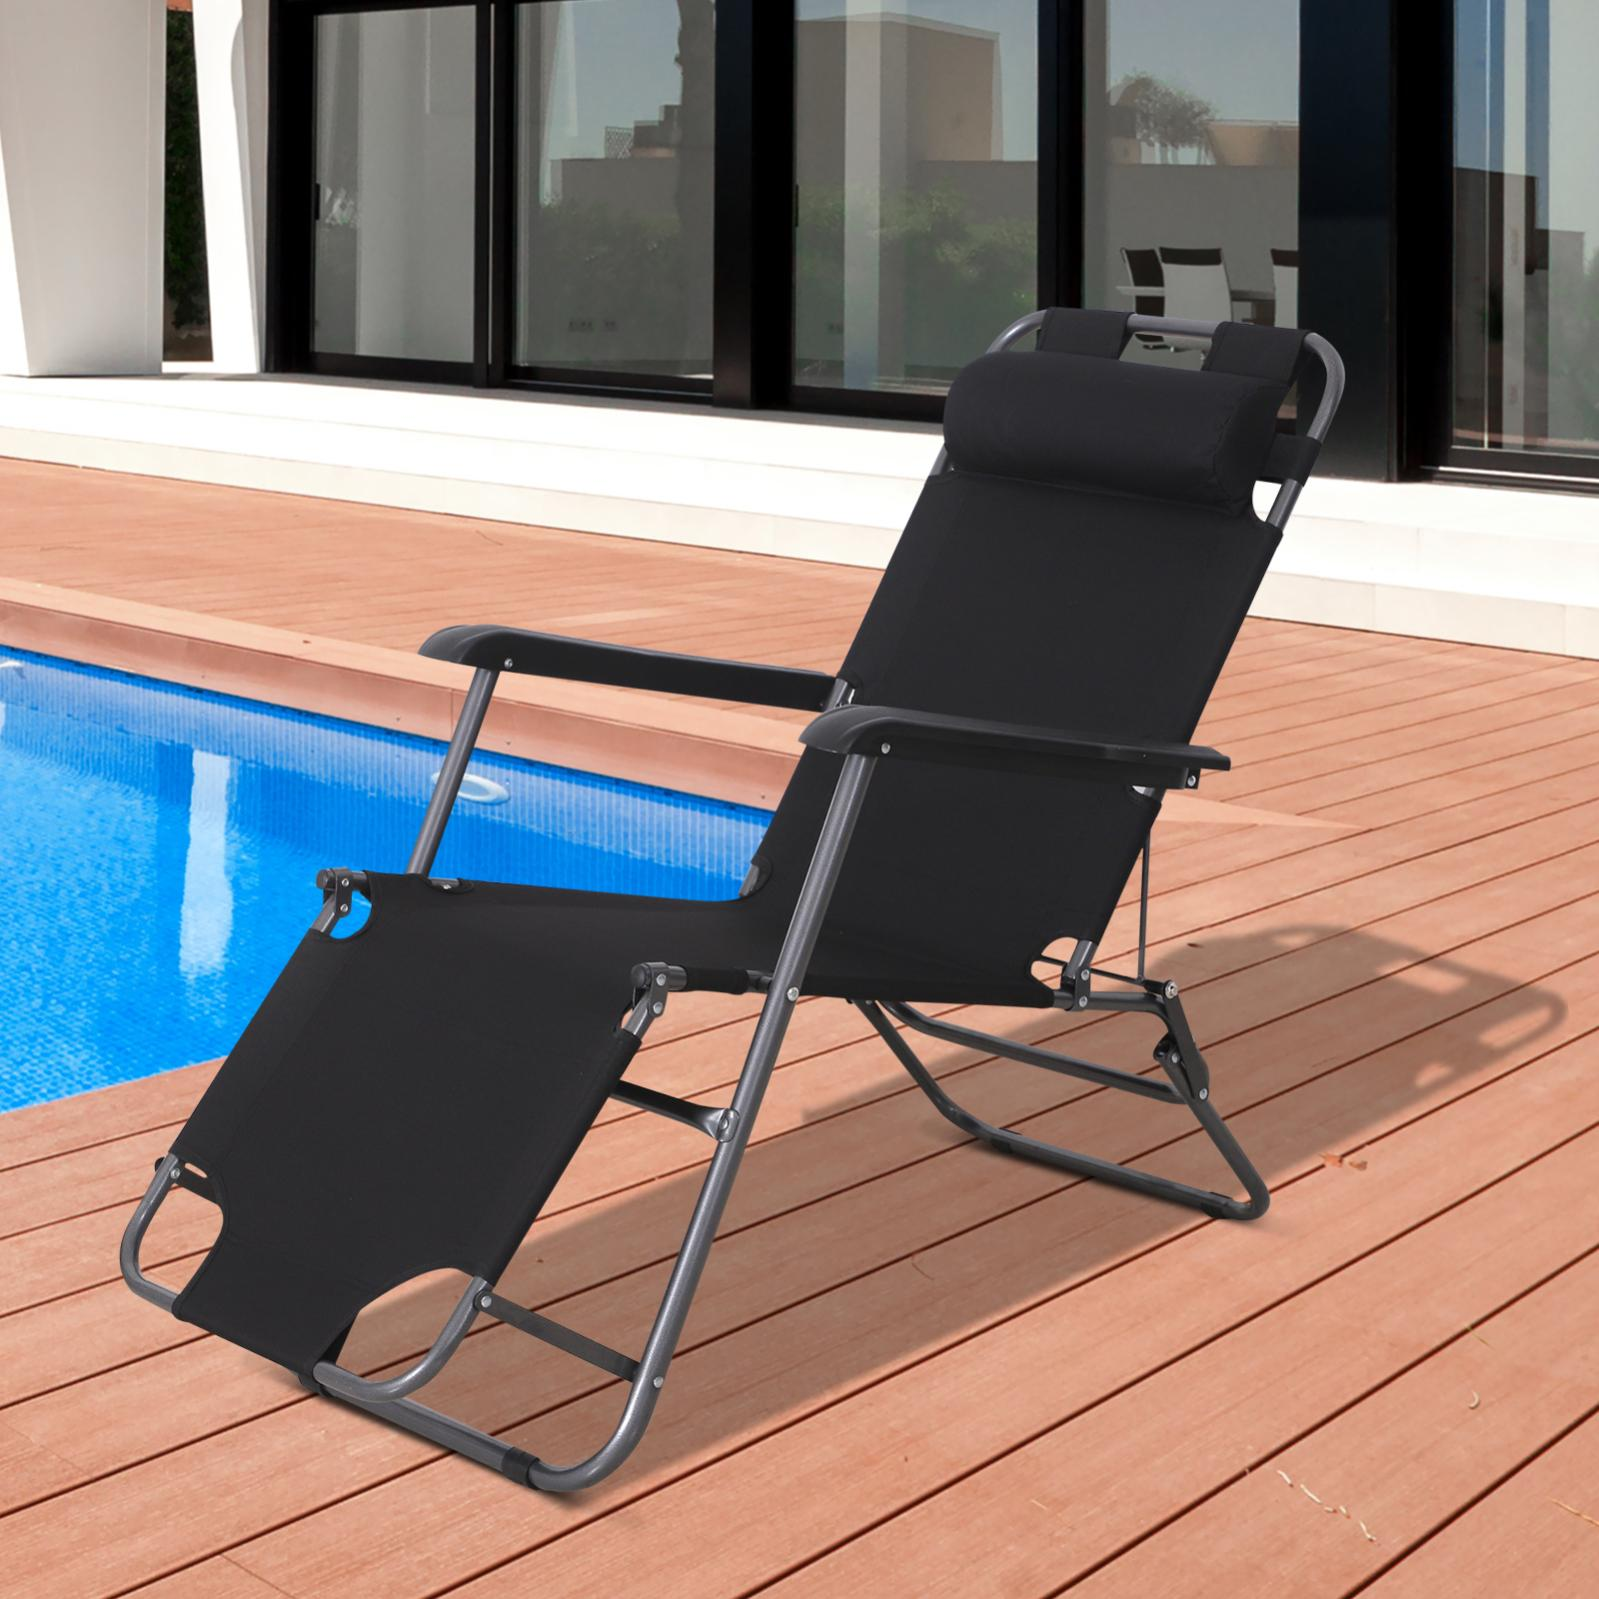 chaise longue transat 2 en 1 pliant  leroy merlin